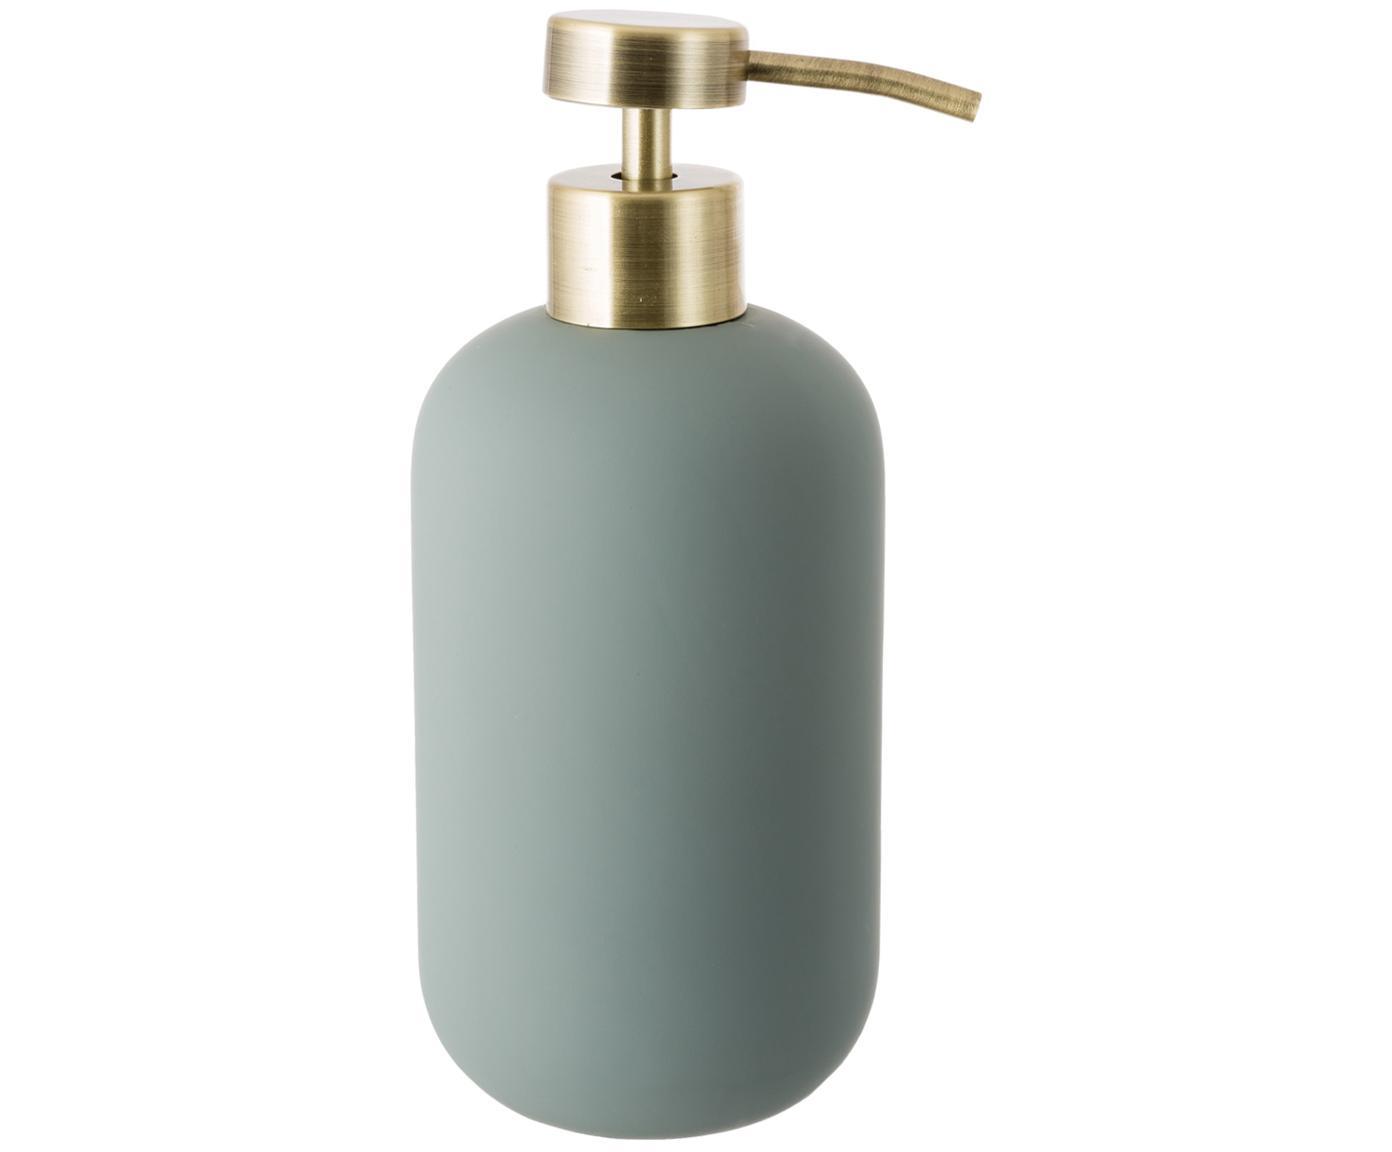 Dozownik do mydła Lotus, Zielony, mosiężny, Ø 8 x W 18 cm